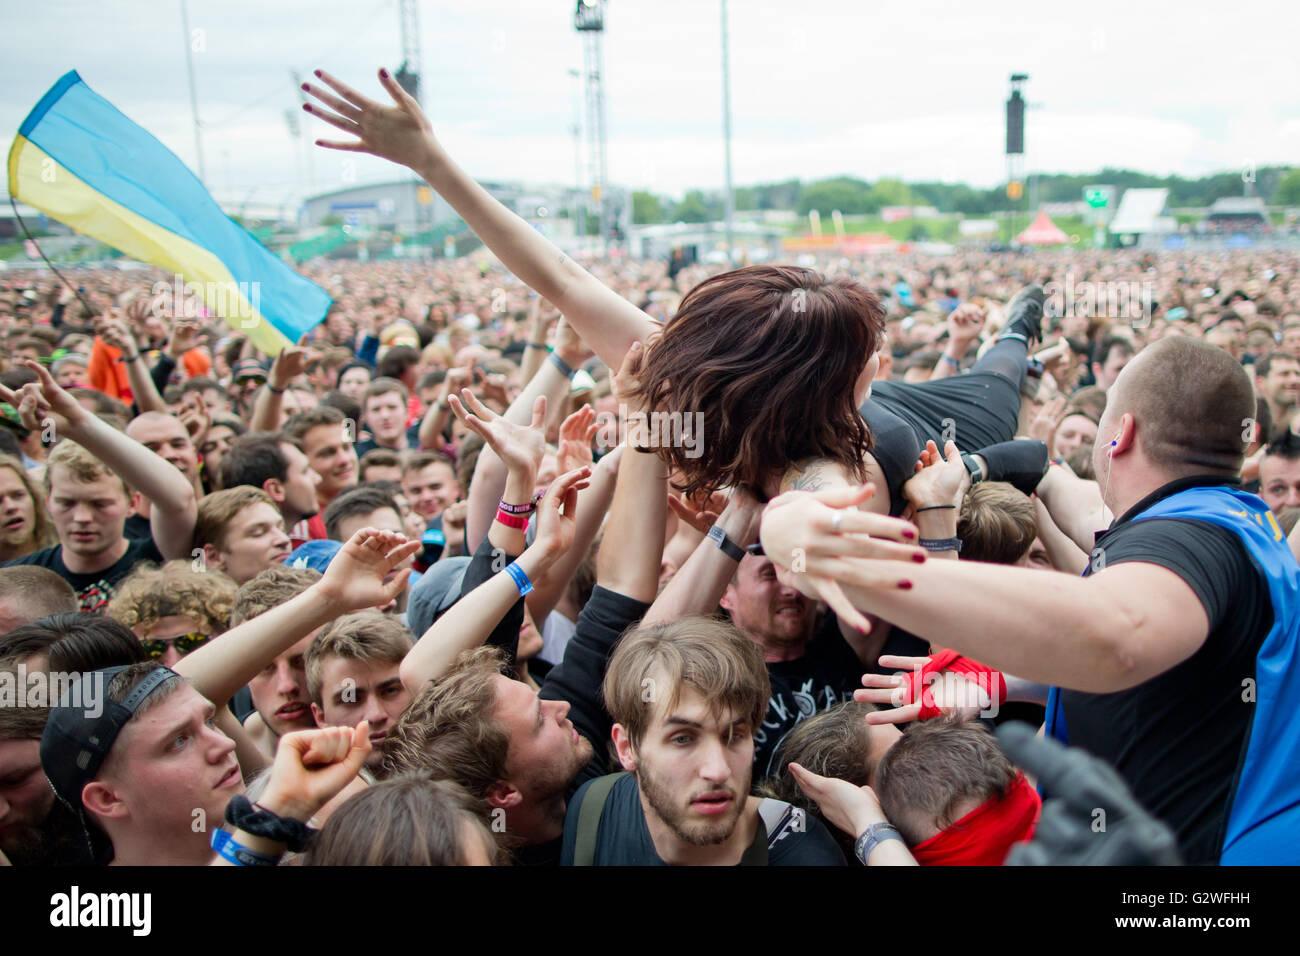 Norimberga, Germania. 03 Giugno, 2016. Una donna crowdsurfs durante un concerto presso il festival di musica 'Rock Immagini Stock